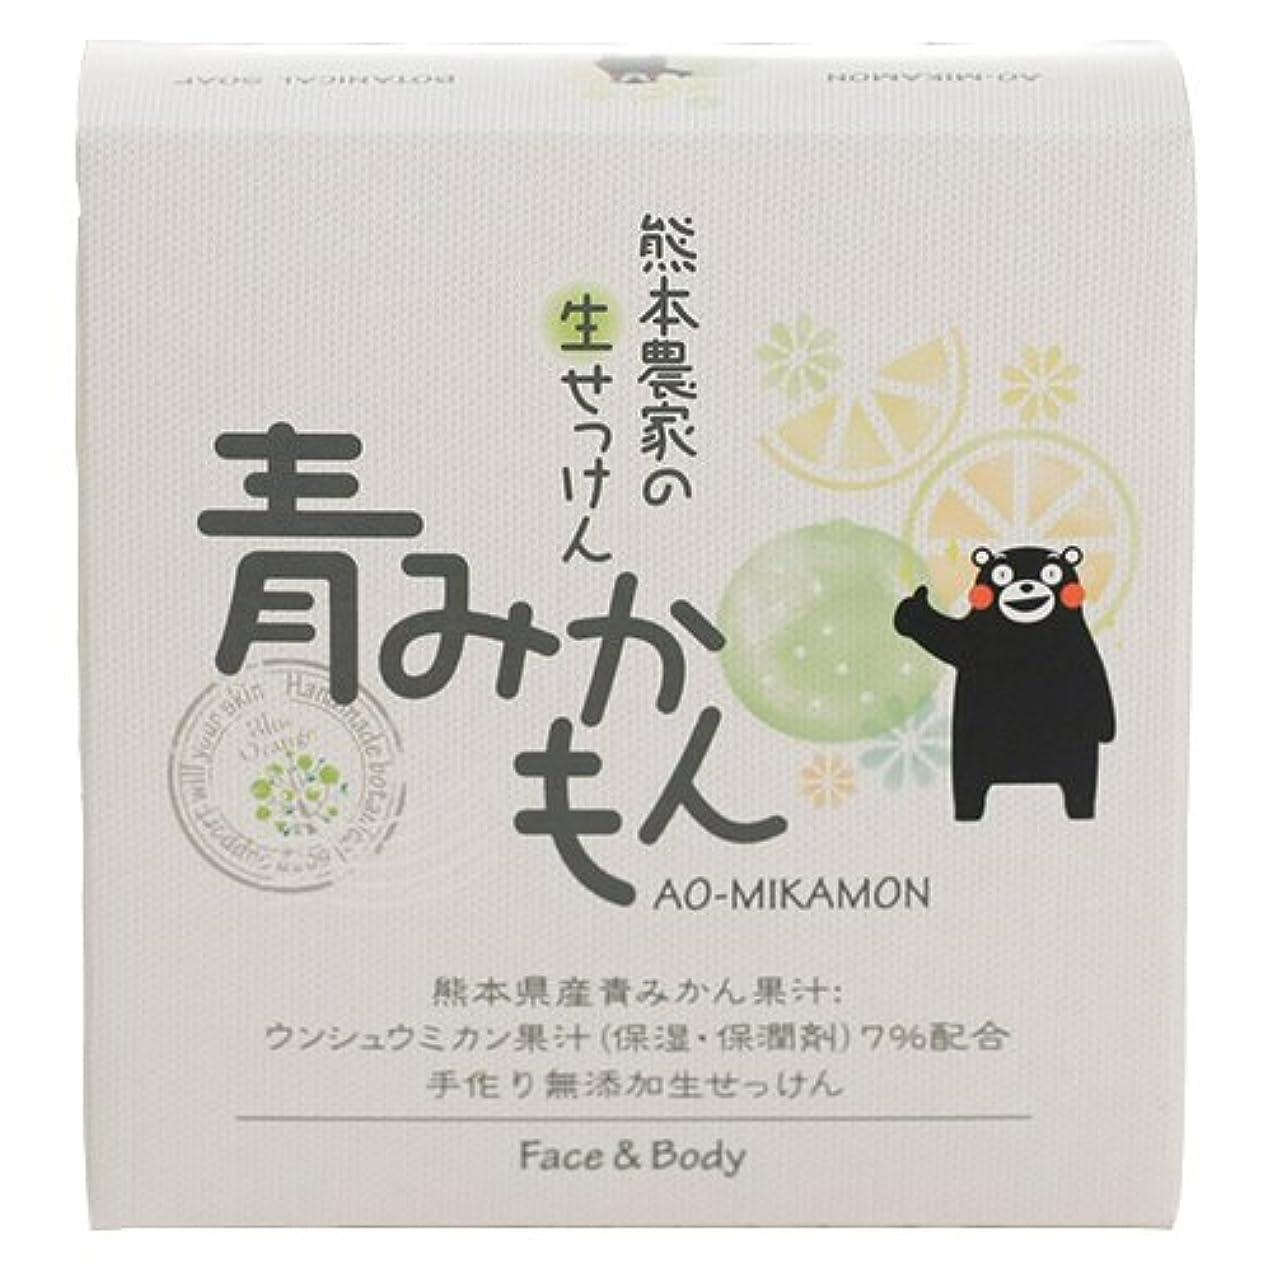 金銭的運命くつろぎゼネラルリンク 熊本農家の生せっけん 青みかもん 80g 石鹸 柑橘系の自然な香り